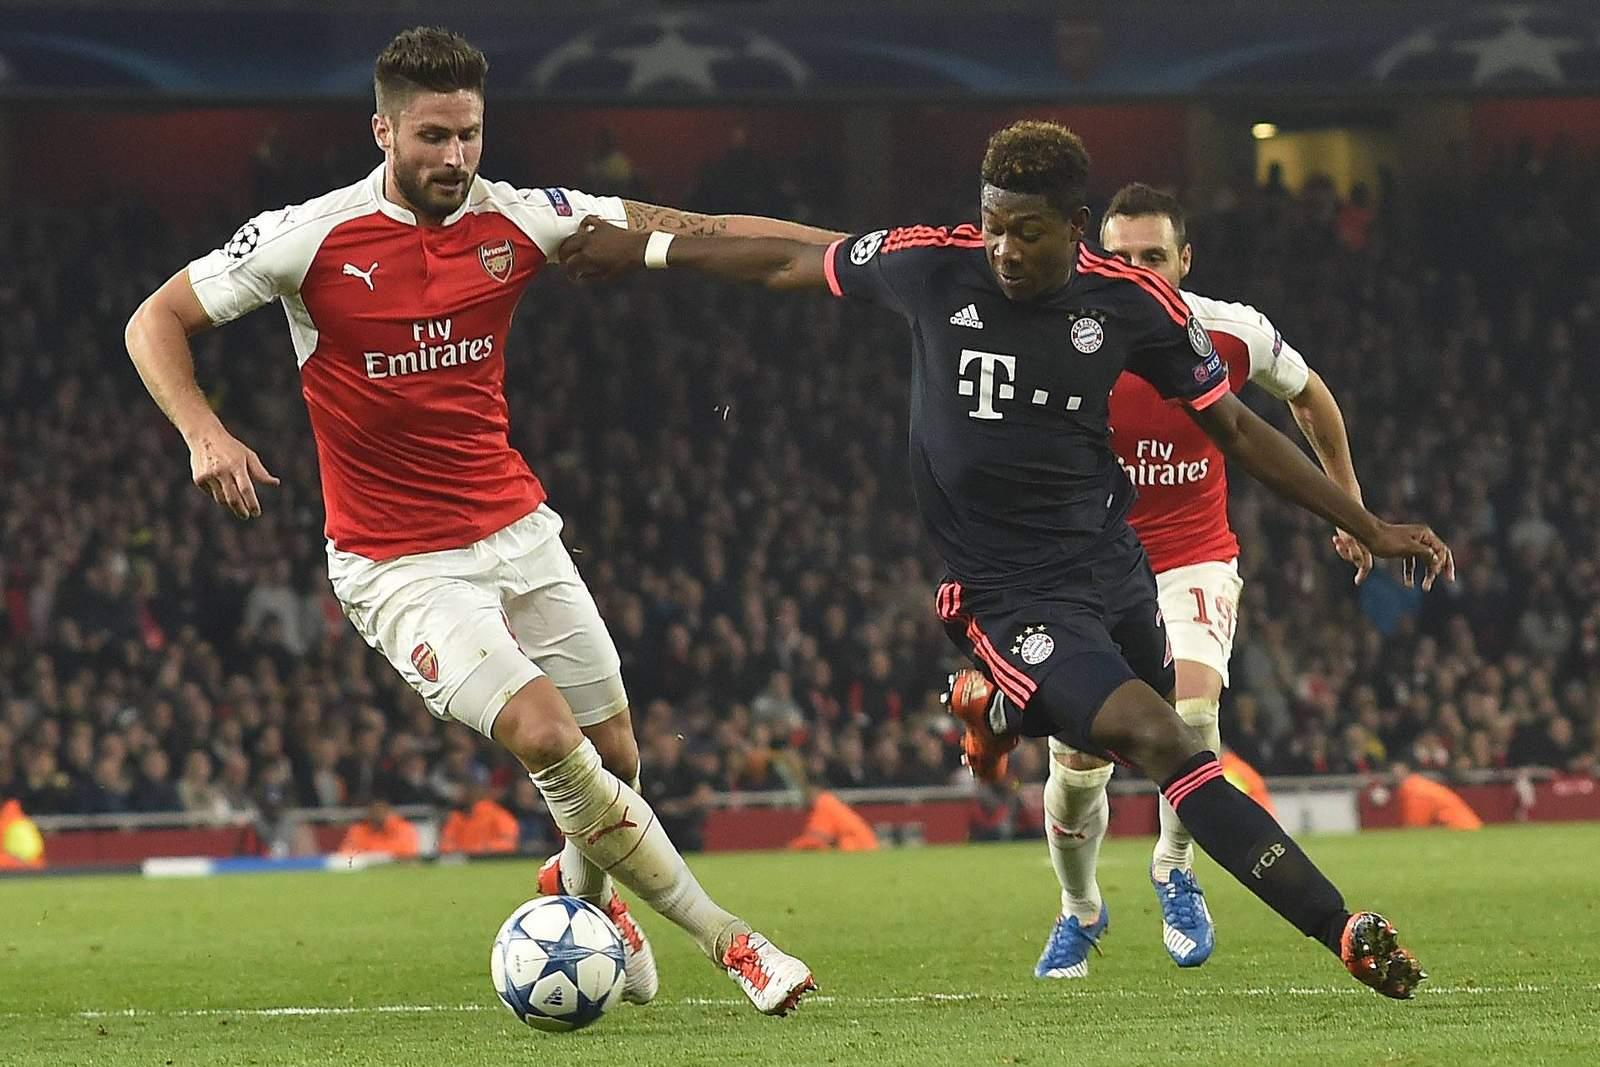 Setzt sich Alaba gegen Giroud durch? Jetzt auf FC Bayern gegen Arsenal London wetten